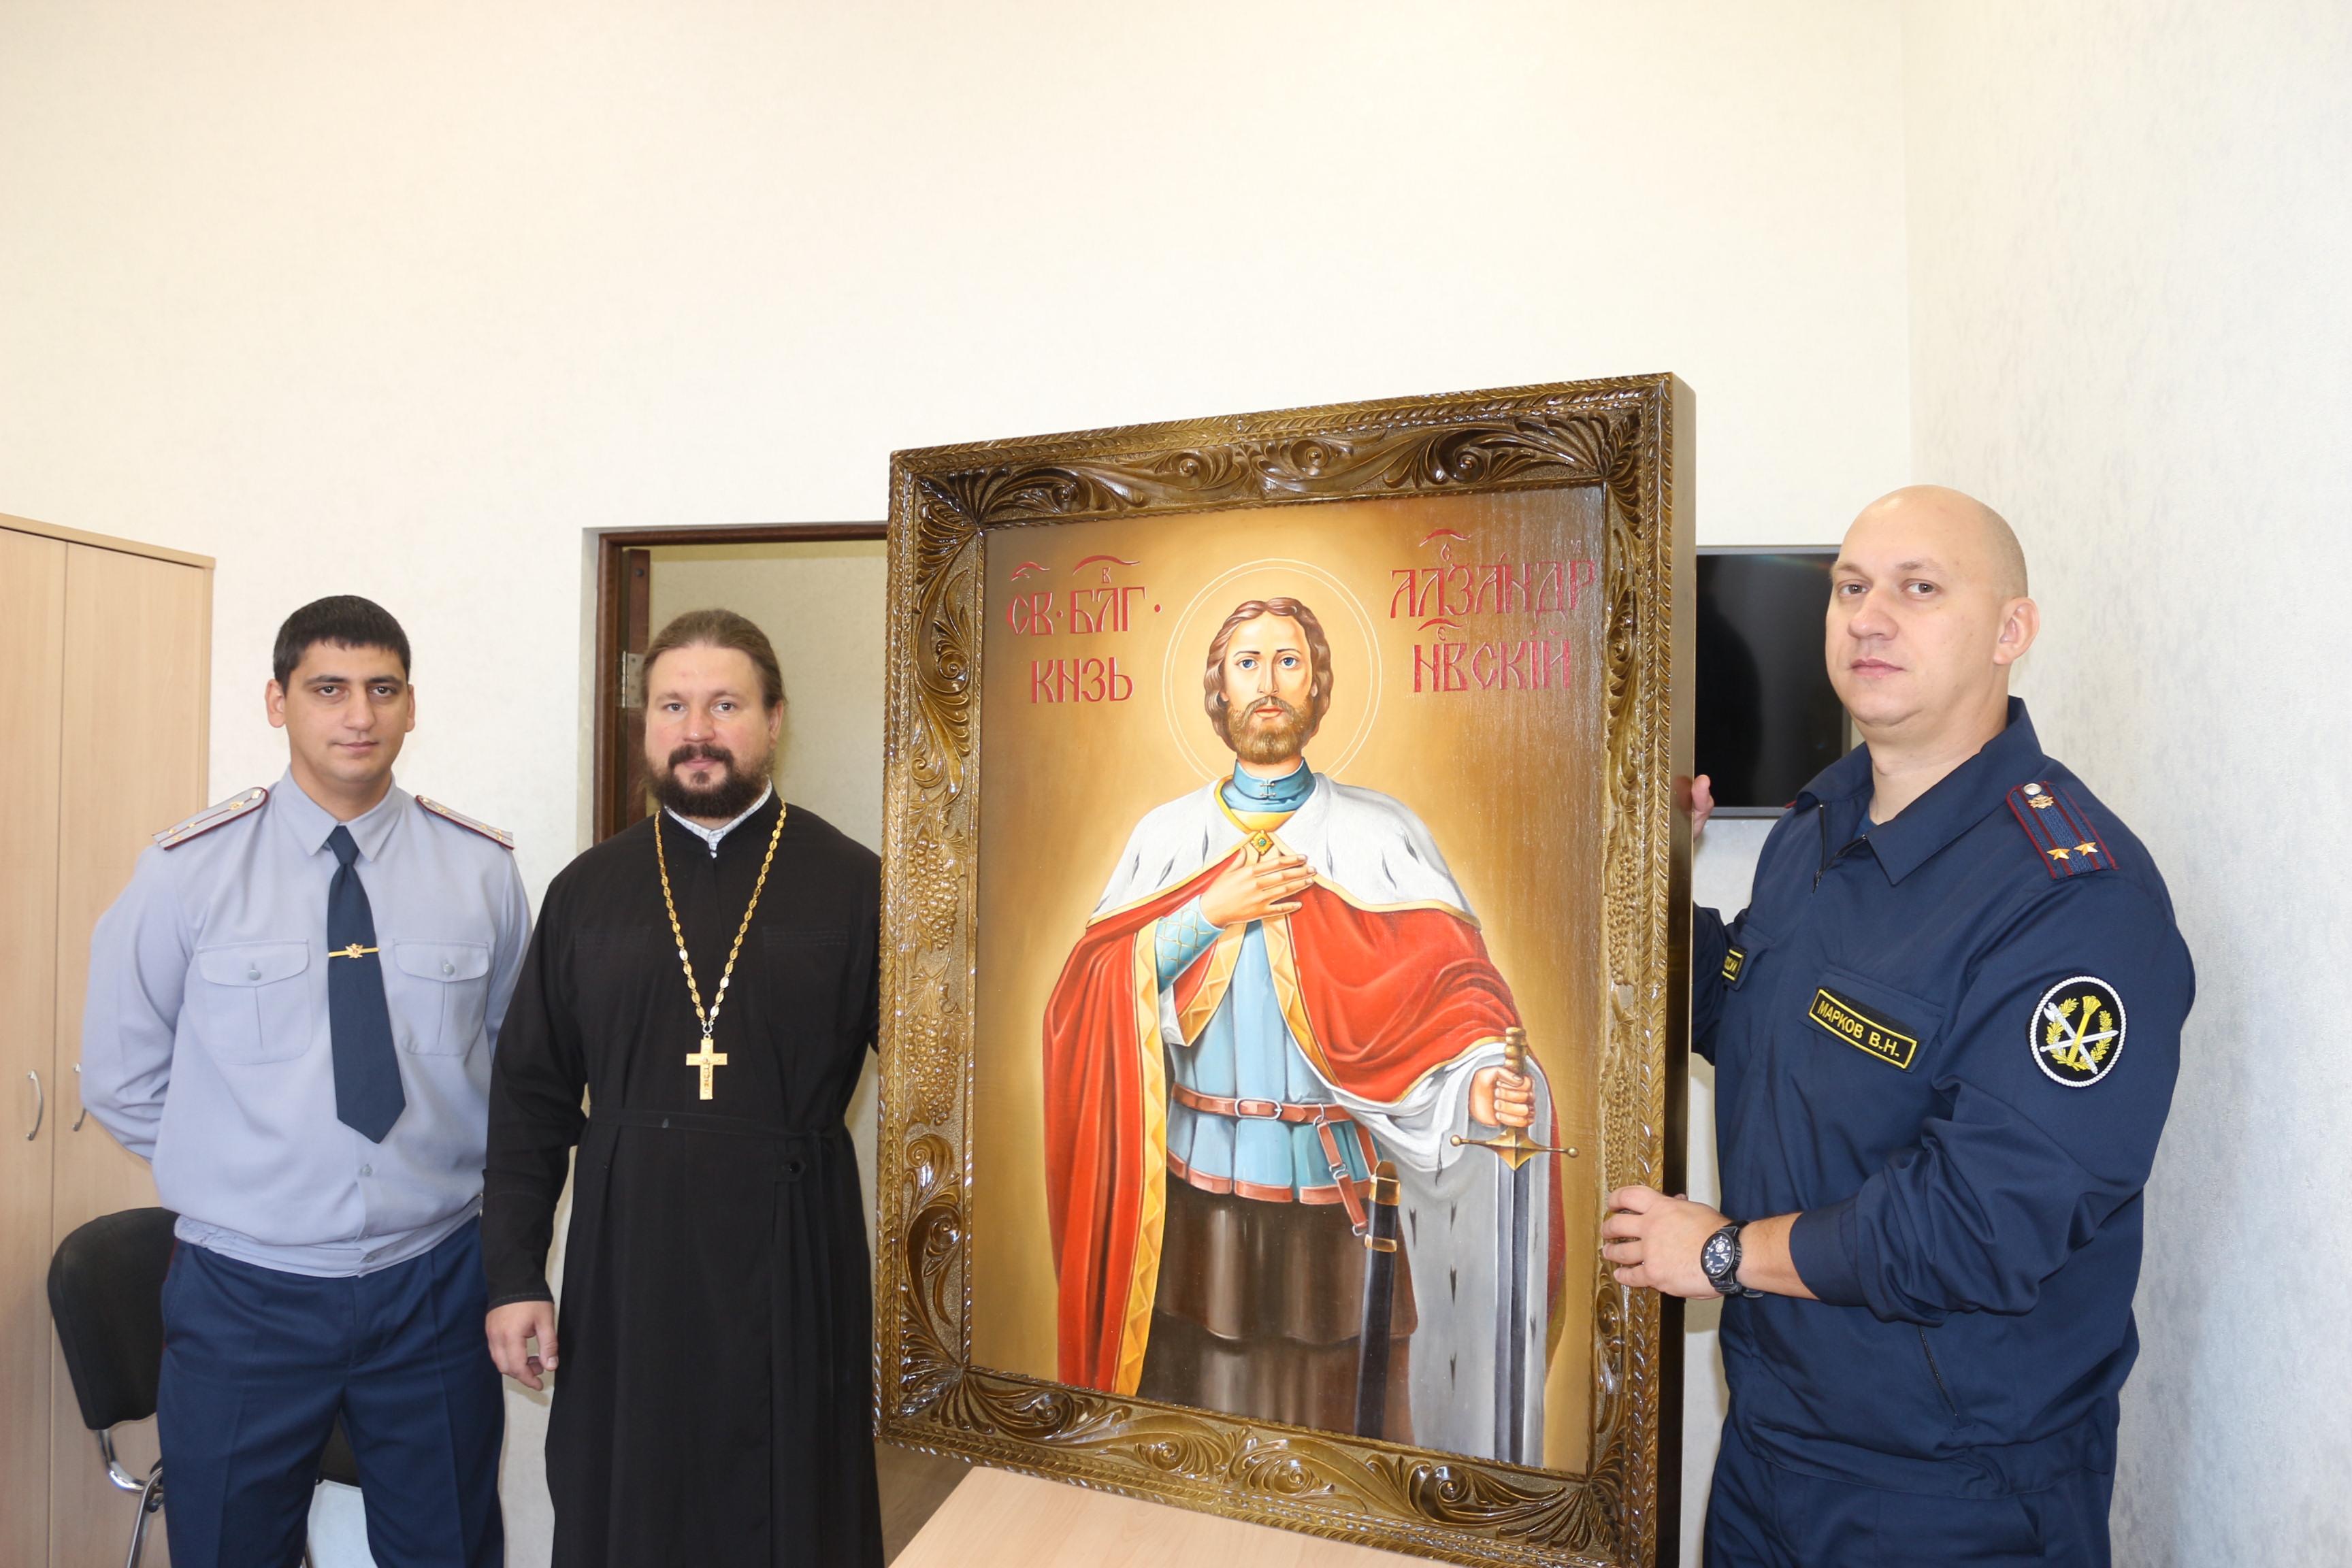 В УФСИН подвели итоги регионального этапа Всероссийского конкурса православной иконописи осужденных «Канон»